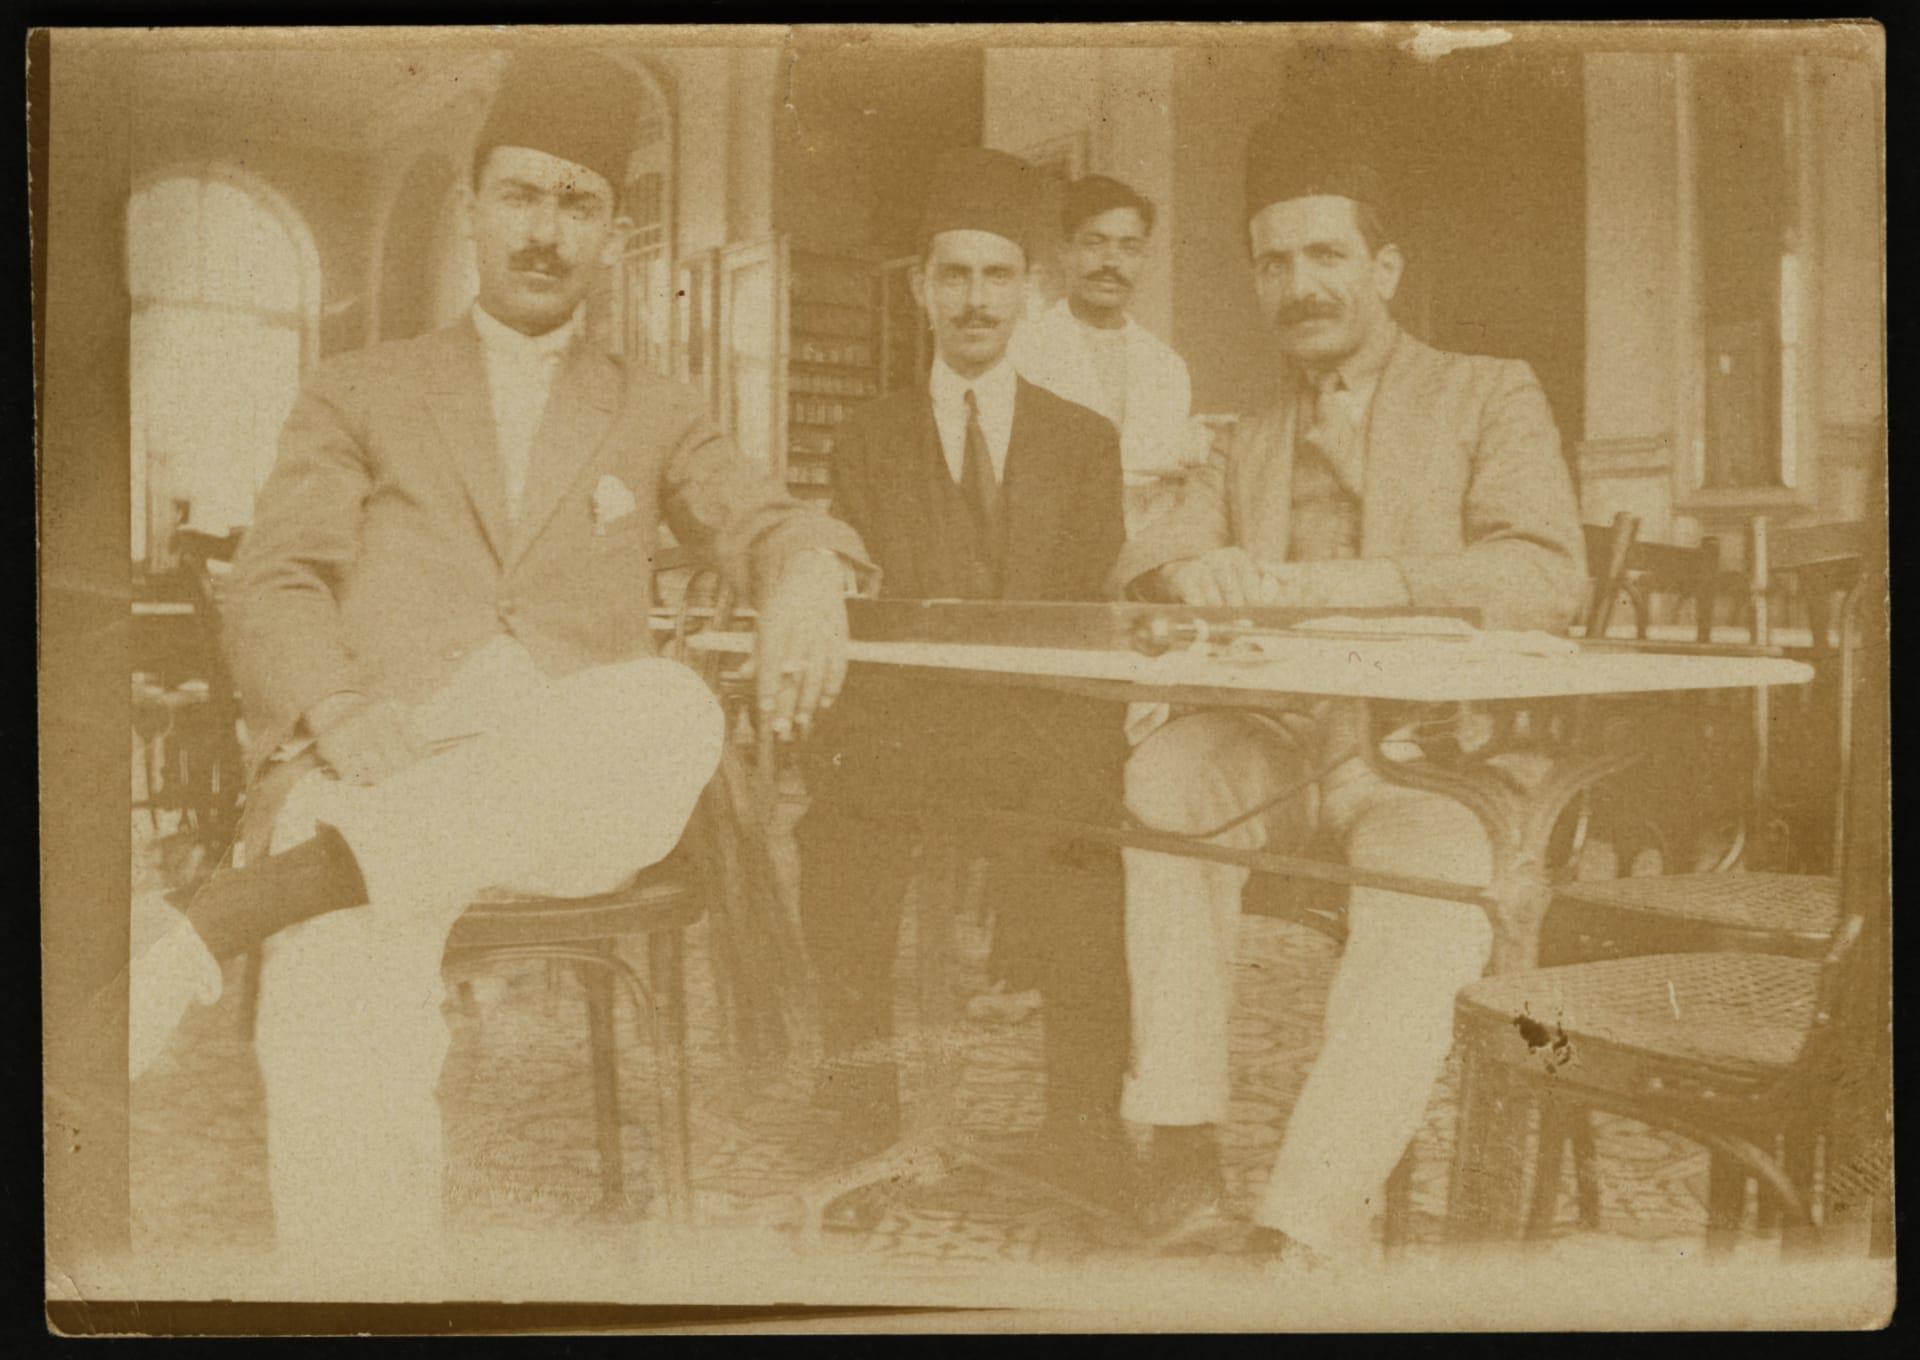 من بدلات أنيقة ولحظات محورية.. صور تعرض جوانب من الحياة بفسلطين قبل 100 عام